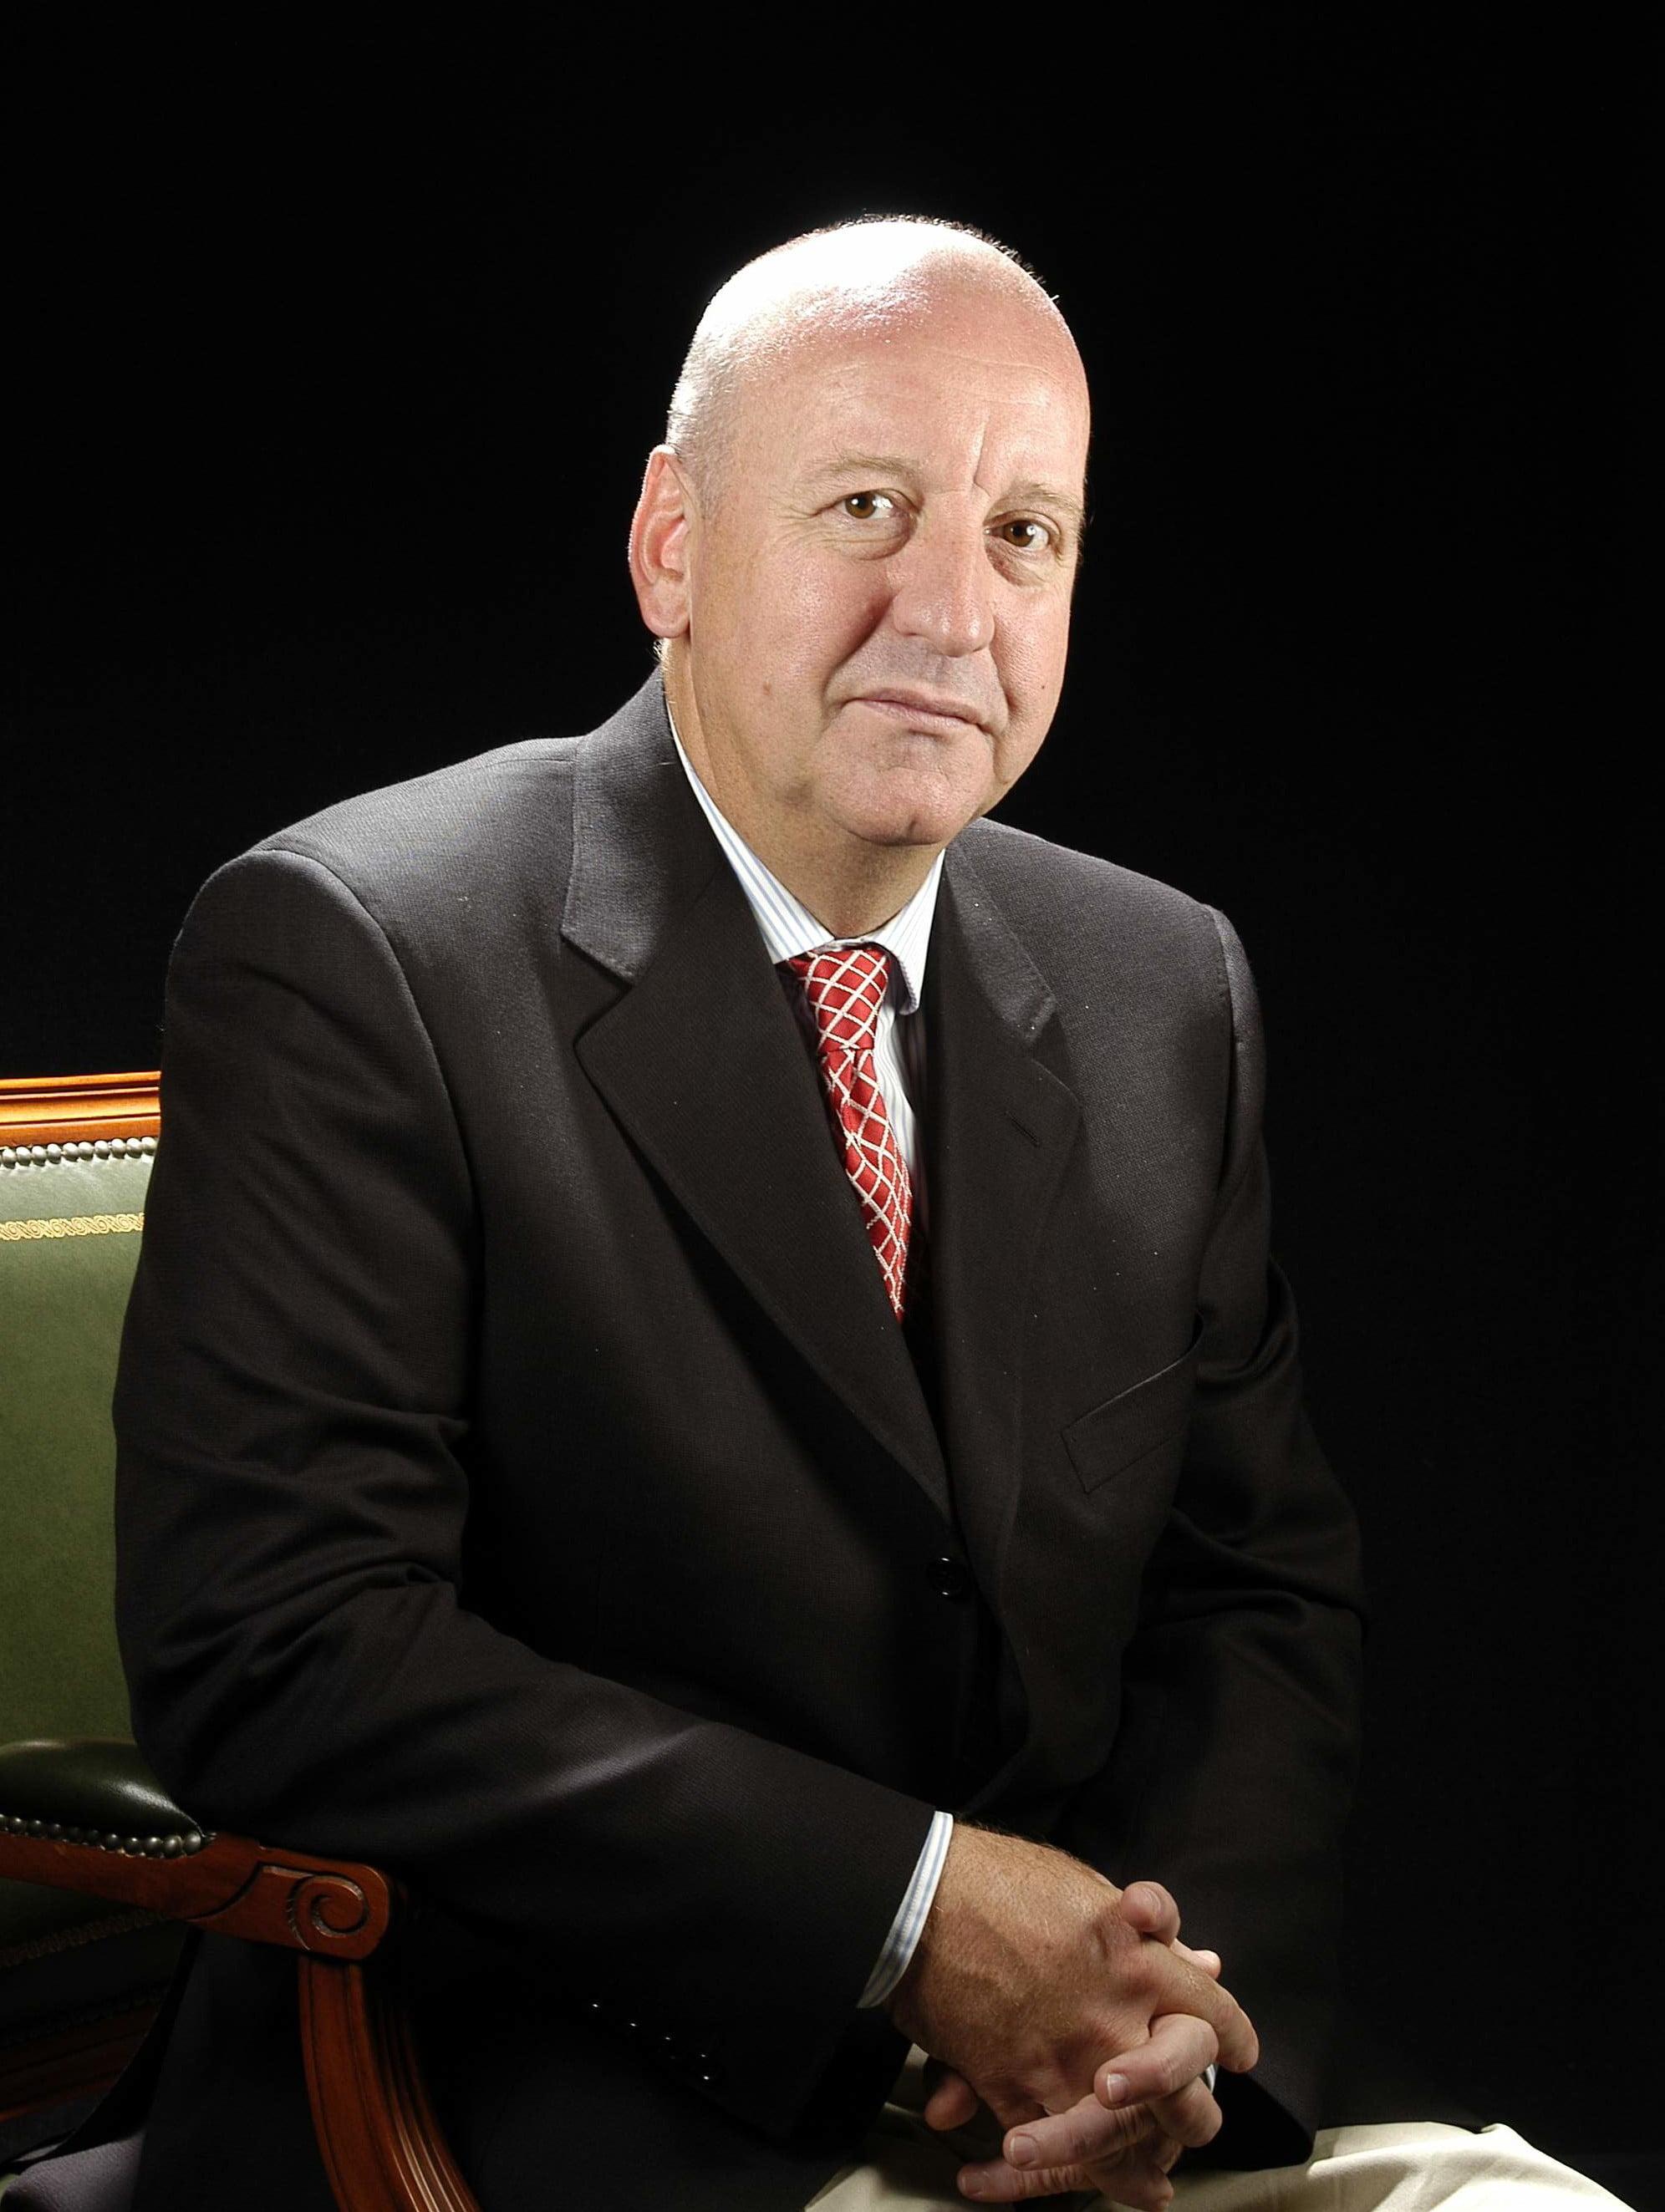 Dr. Miquel Cardona Fontanet